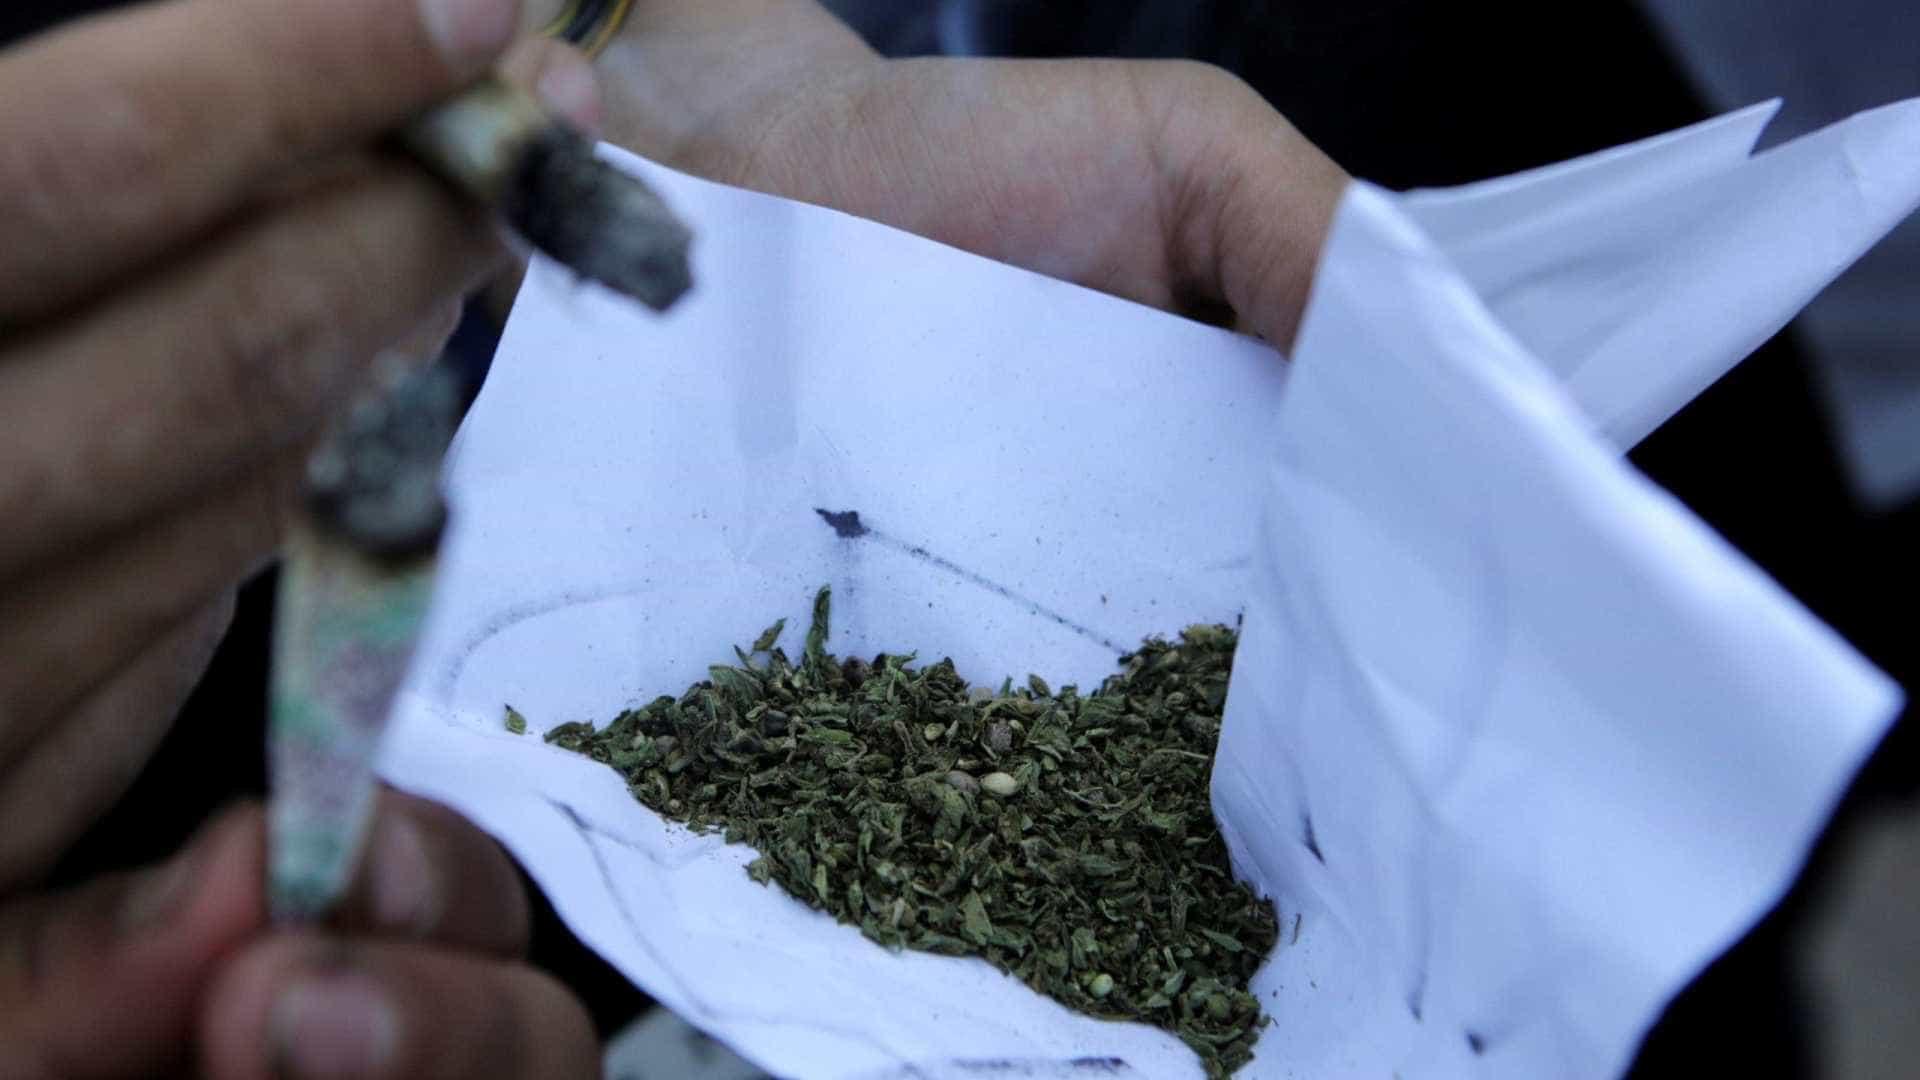 Brasil segue no impasse sobre drogas, legalização e violência